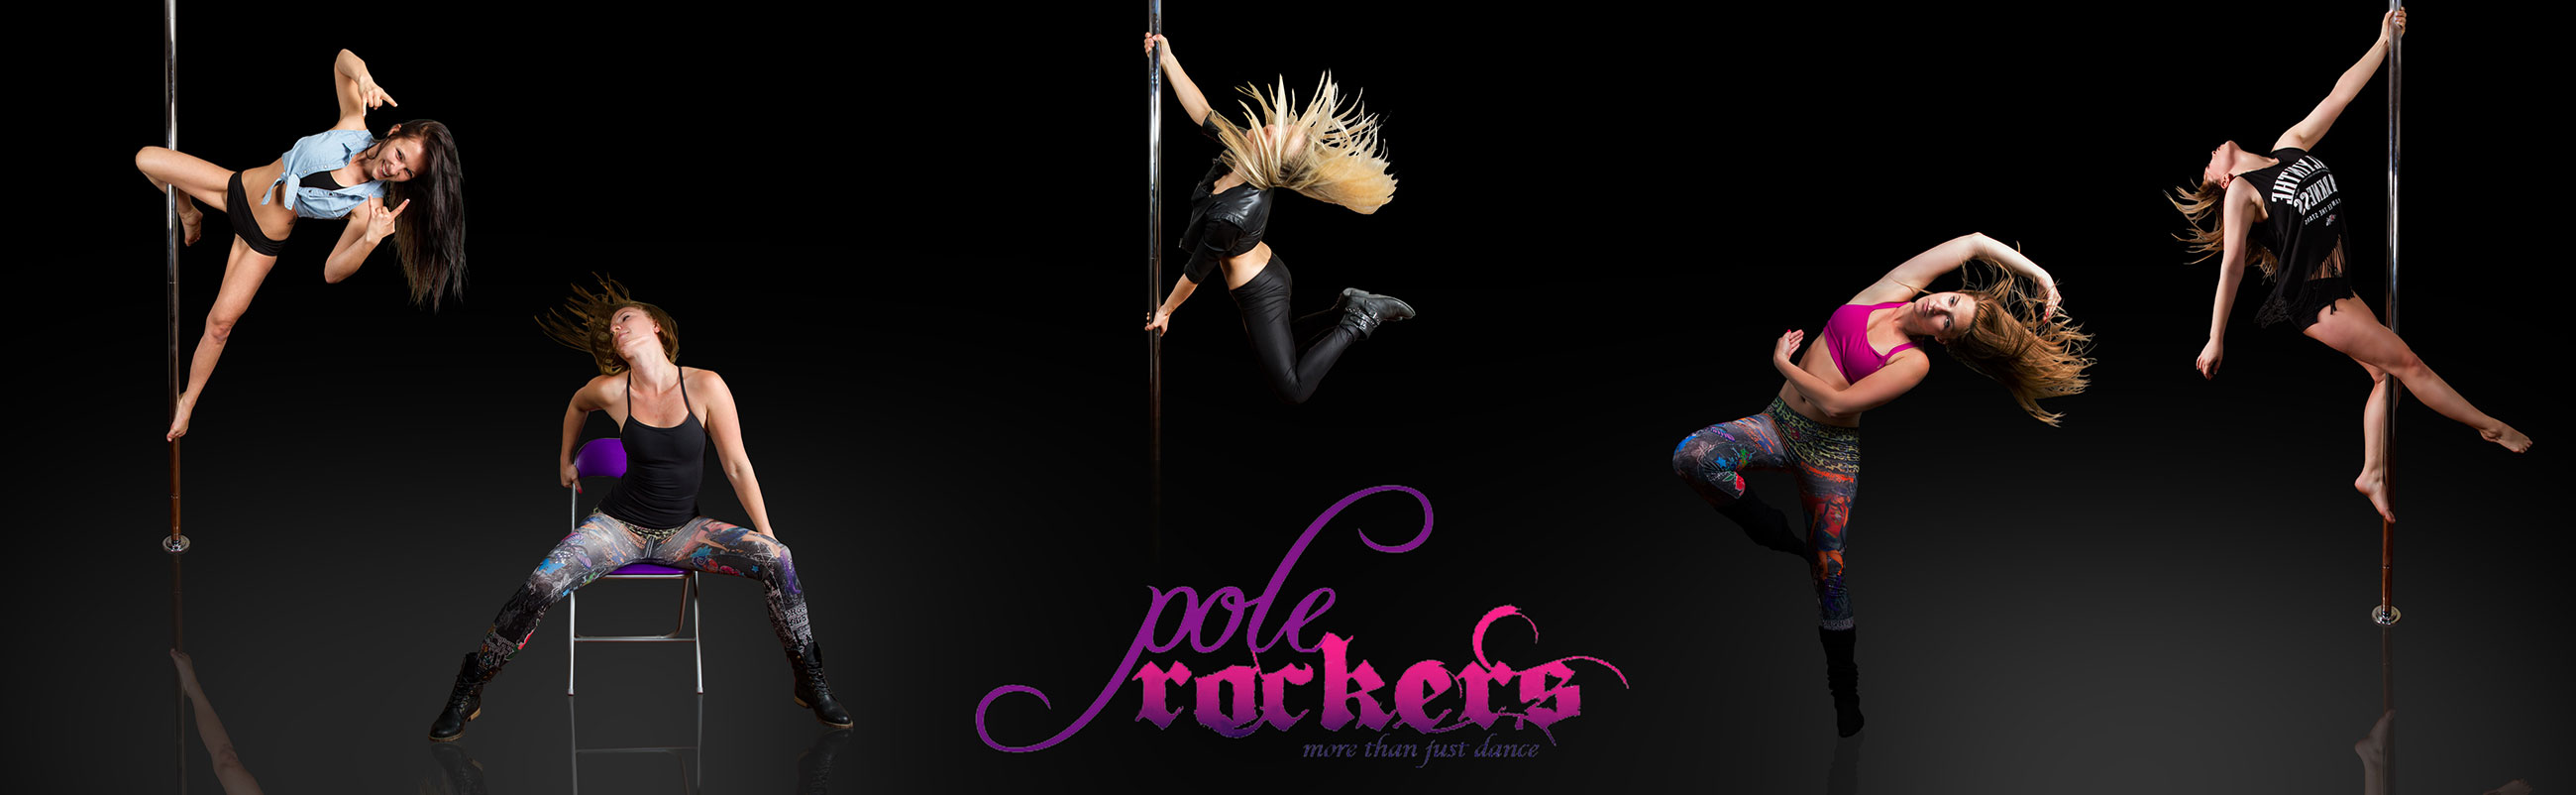 polerockers-titelbild